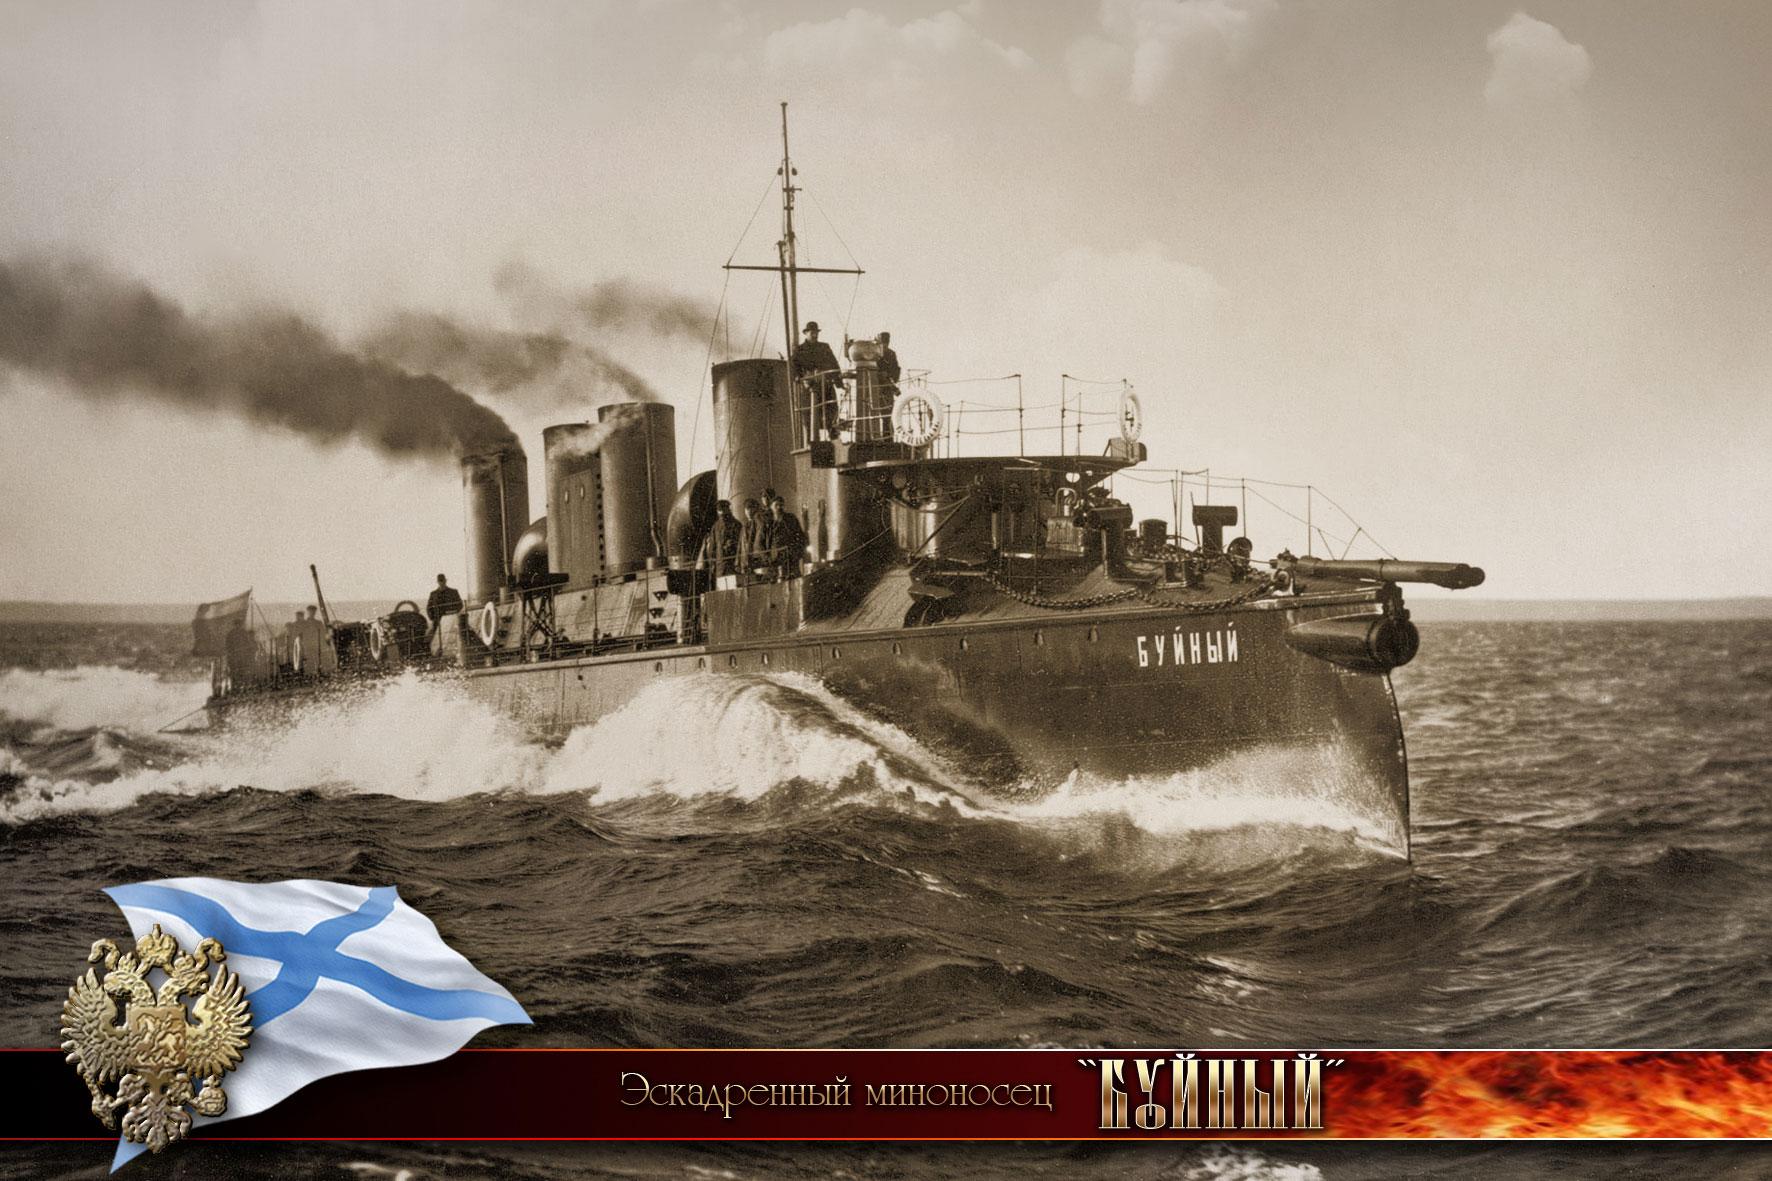 Императорский флот россии картинки, открытка для